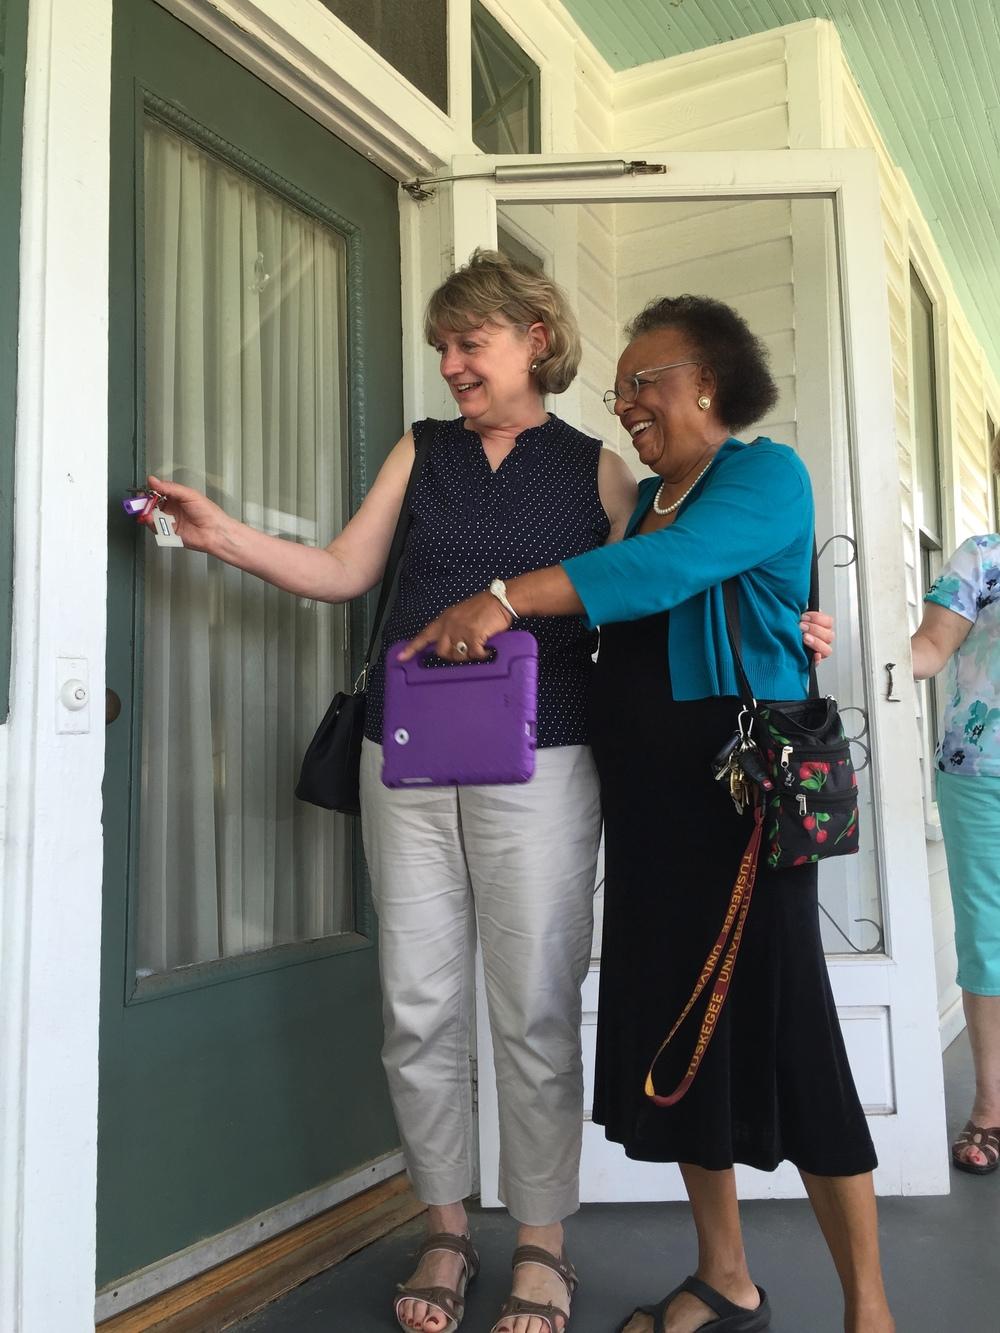 Ann Svennungsen unlocking MLK's parsonage door